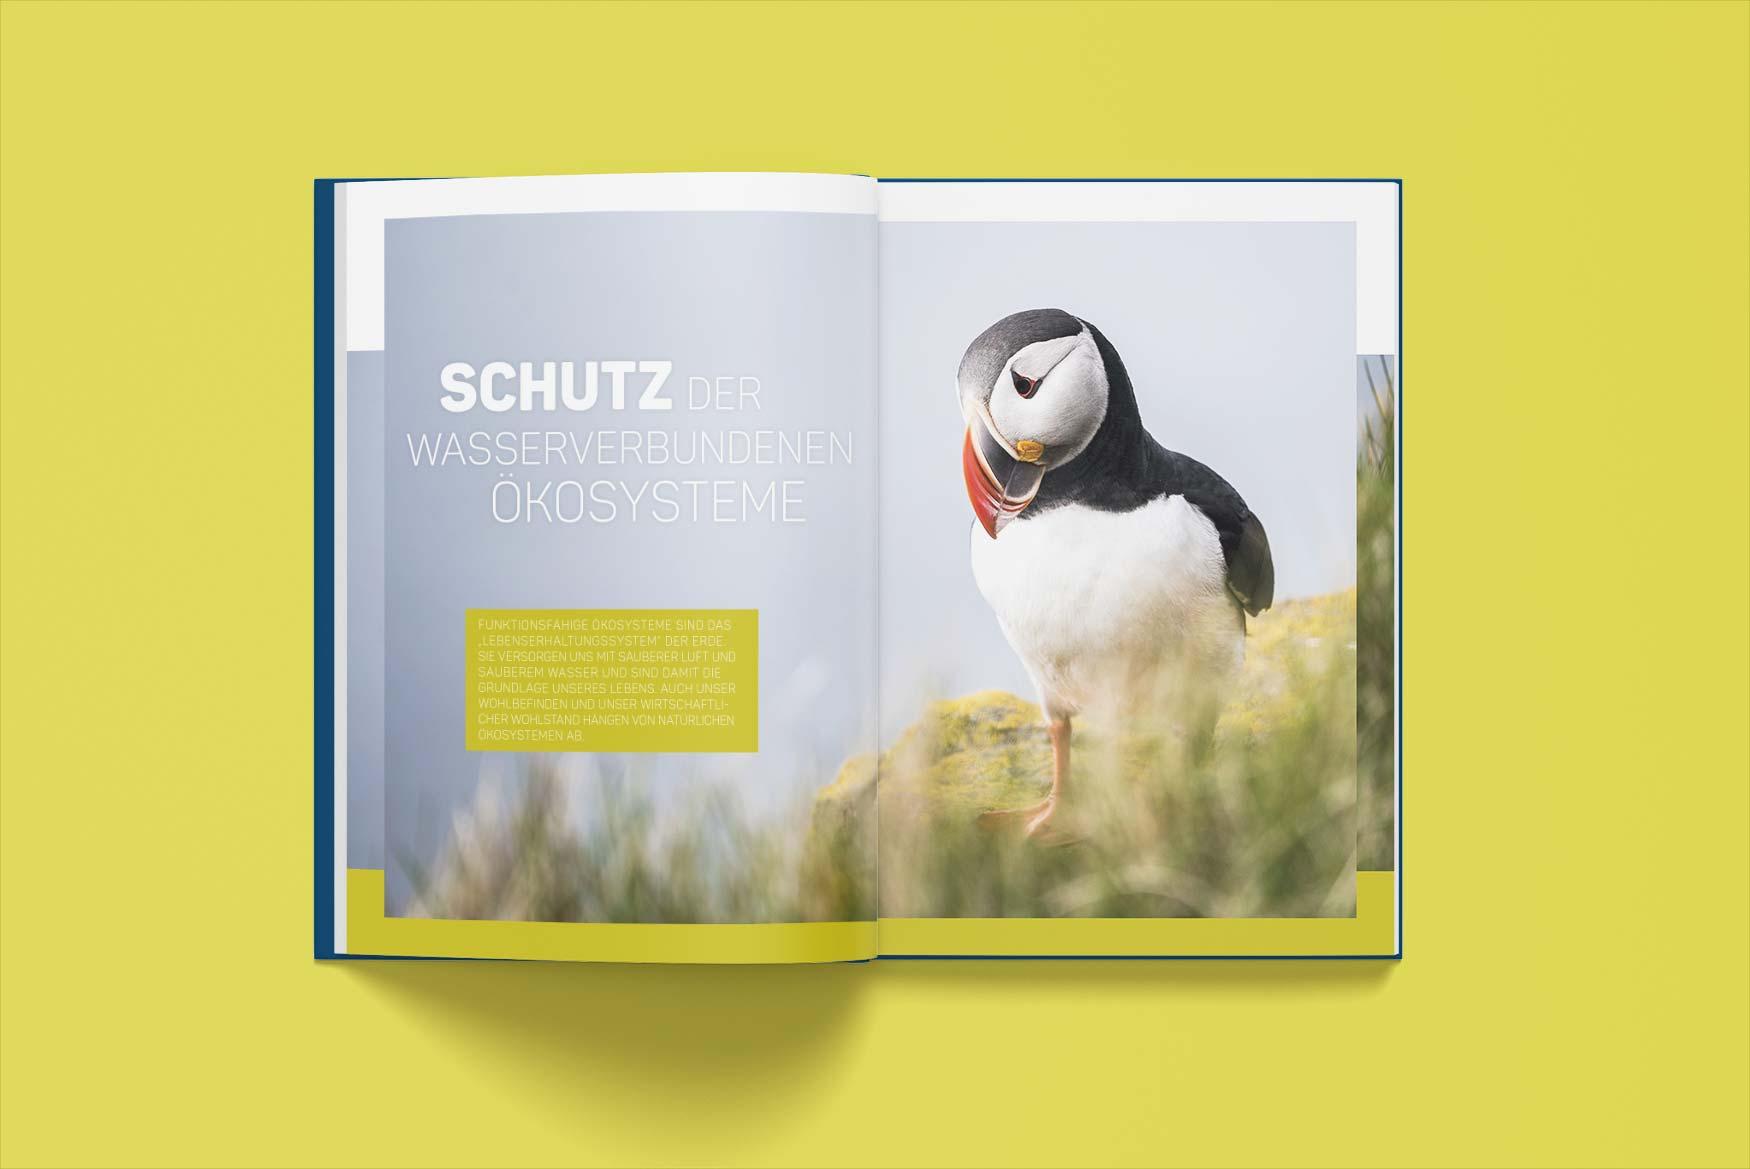 Editorial-Design-Broschuere-Nachhaltigkeit-2-Designagentur-Stuttgart-Kreativbetrieb